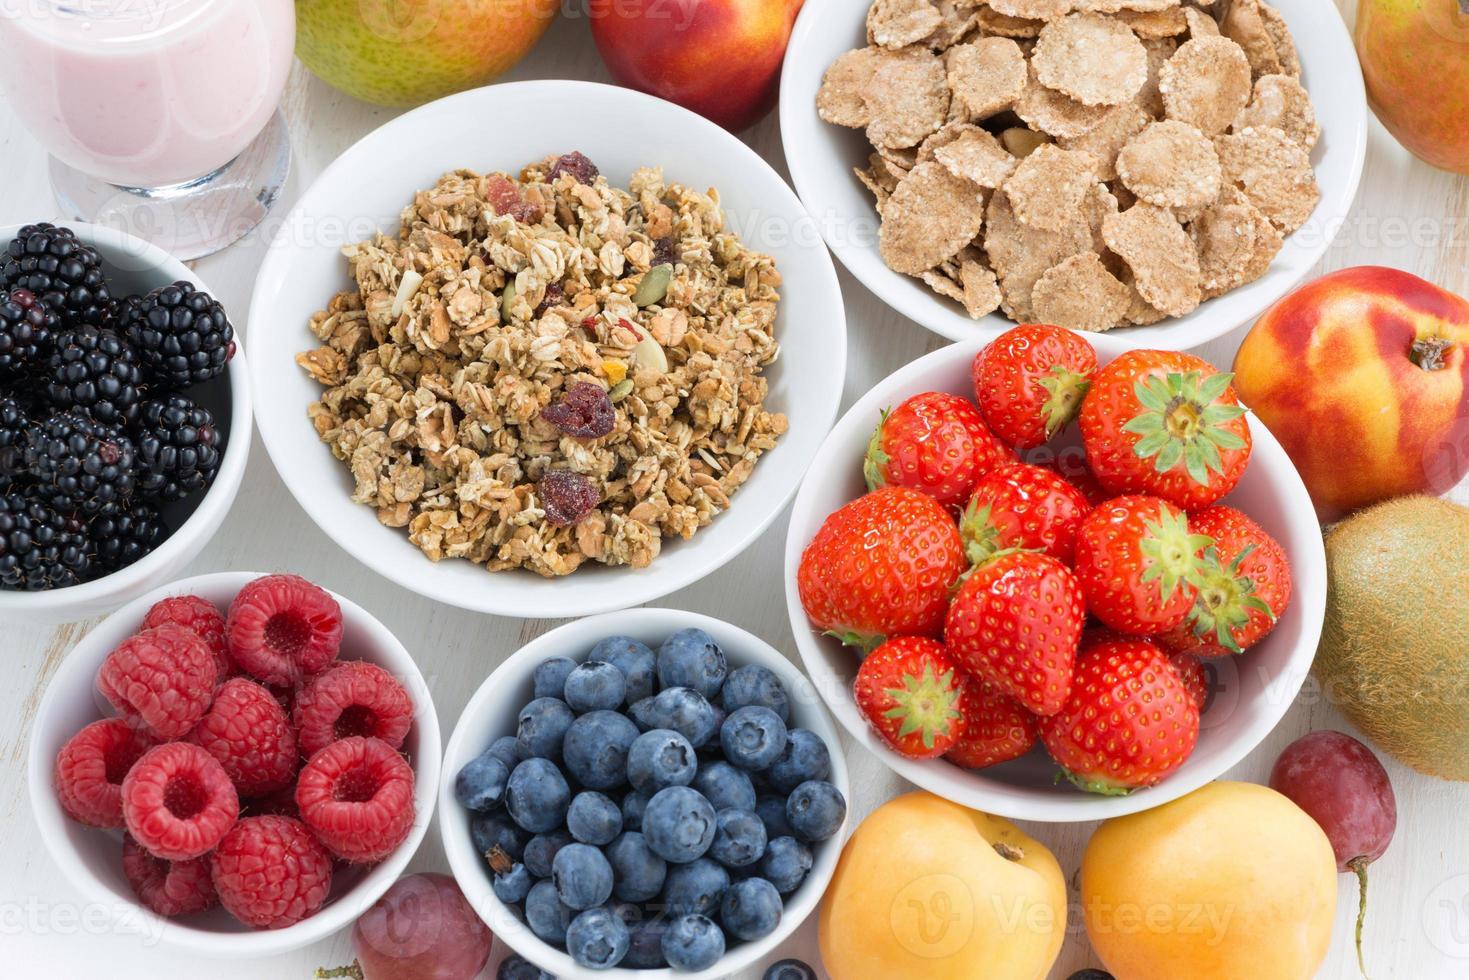 frische Beeren, Obst und Müsli, Draufsicht foto